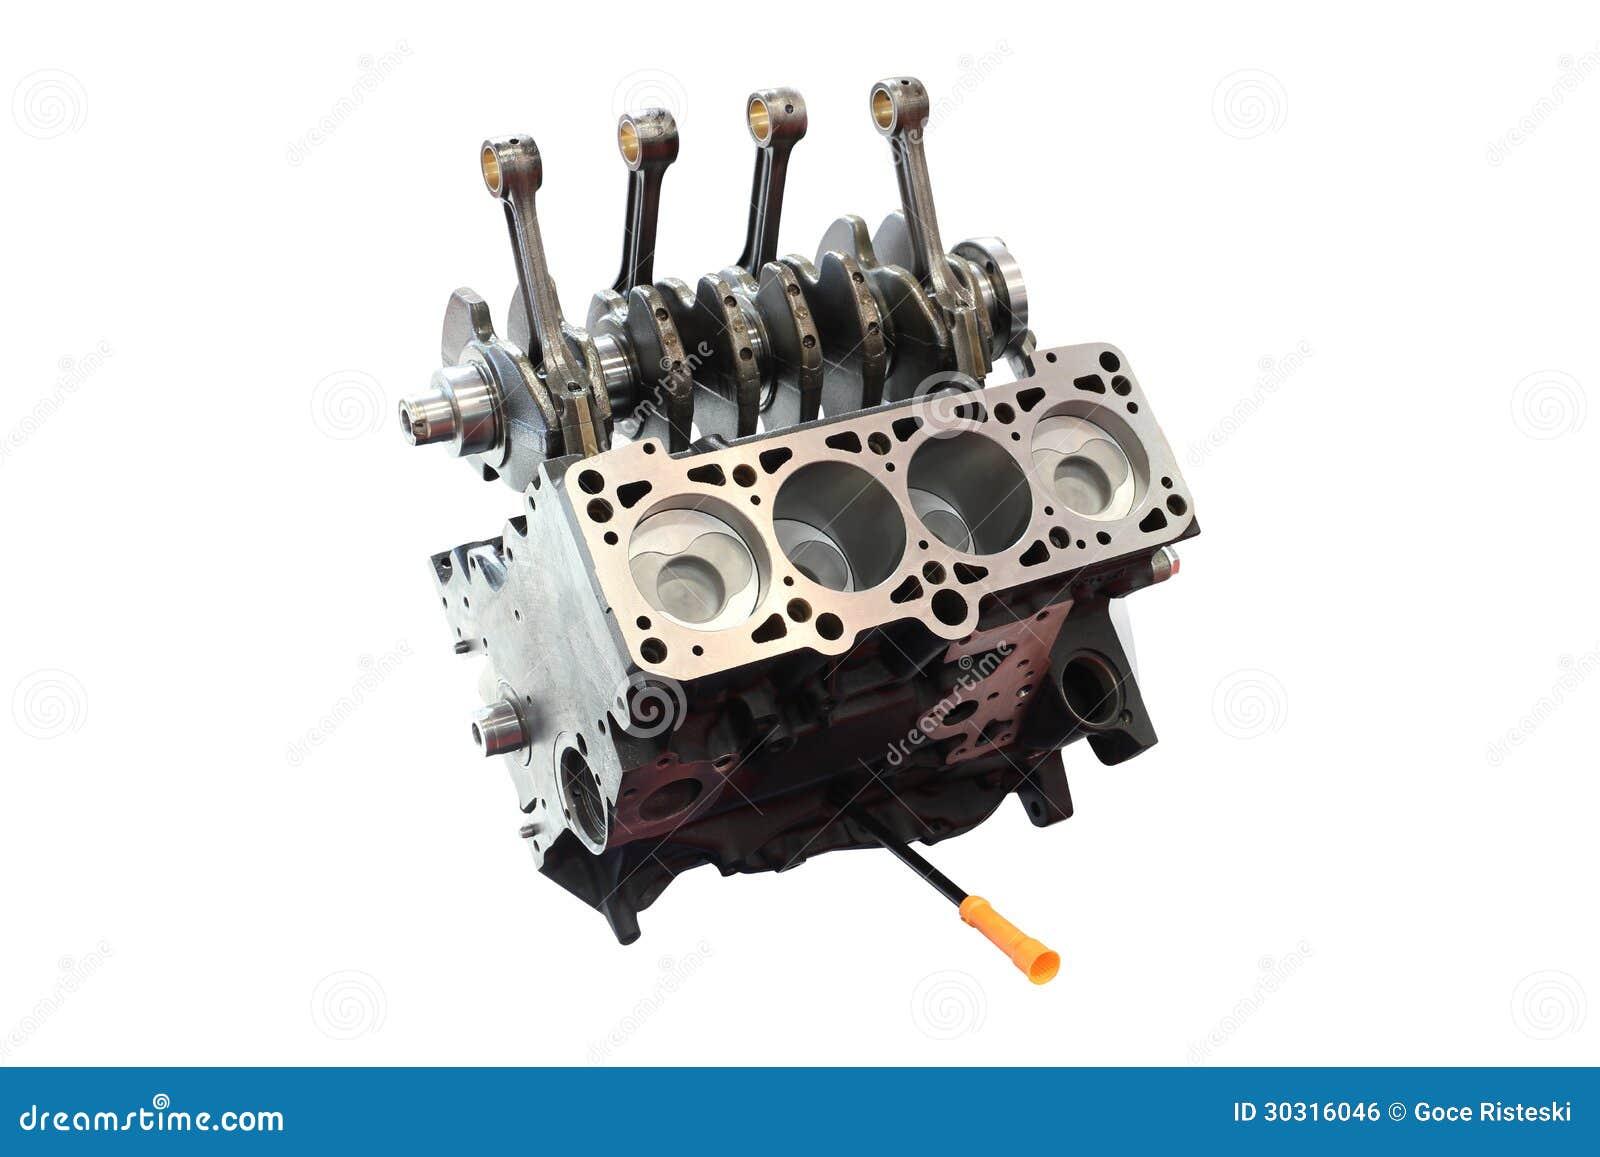 Ausgezeichnet Auto Motor Komponenten Zeitgenössisch - Elektrische ...